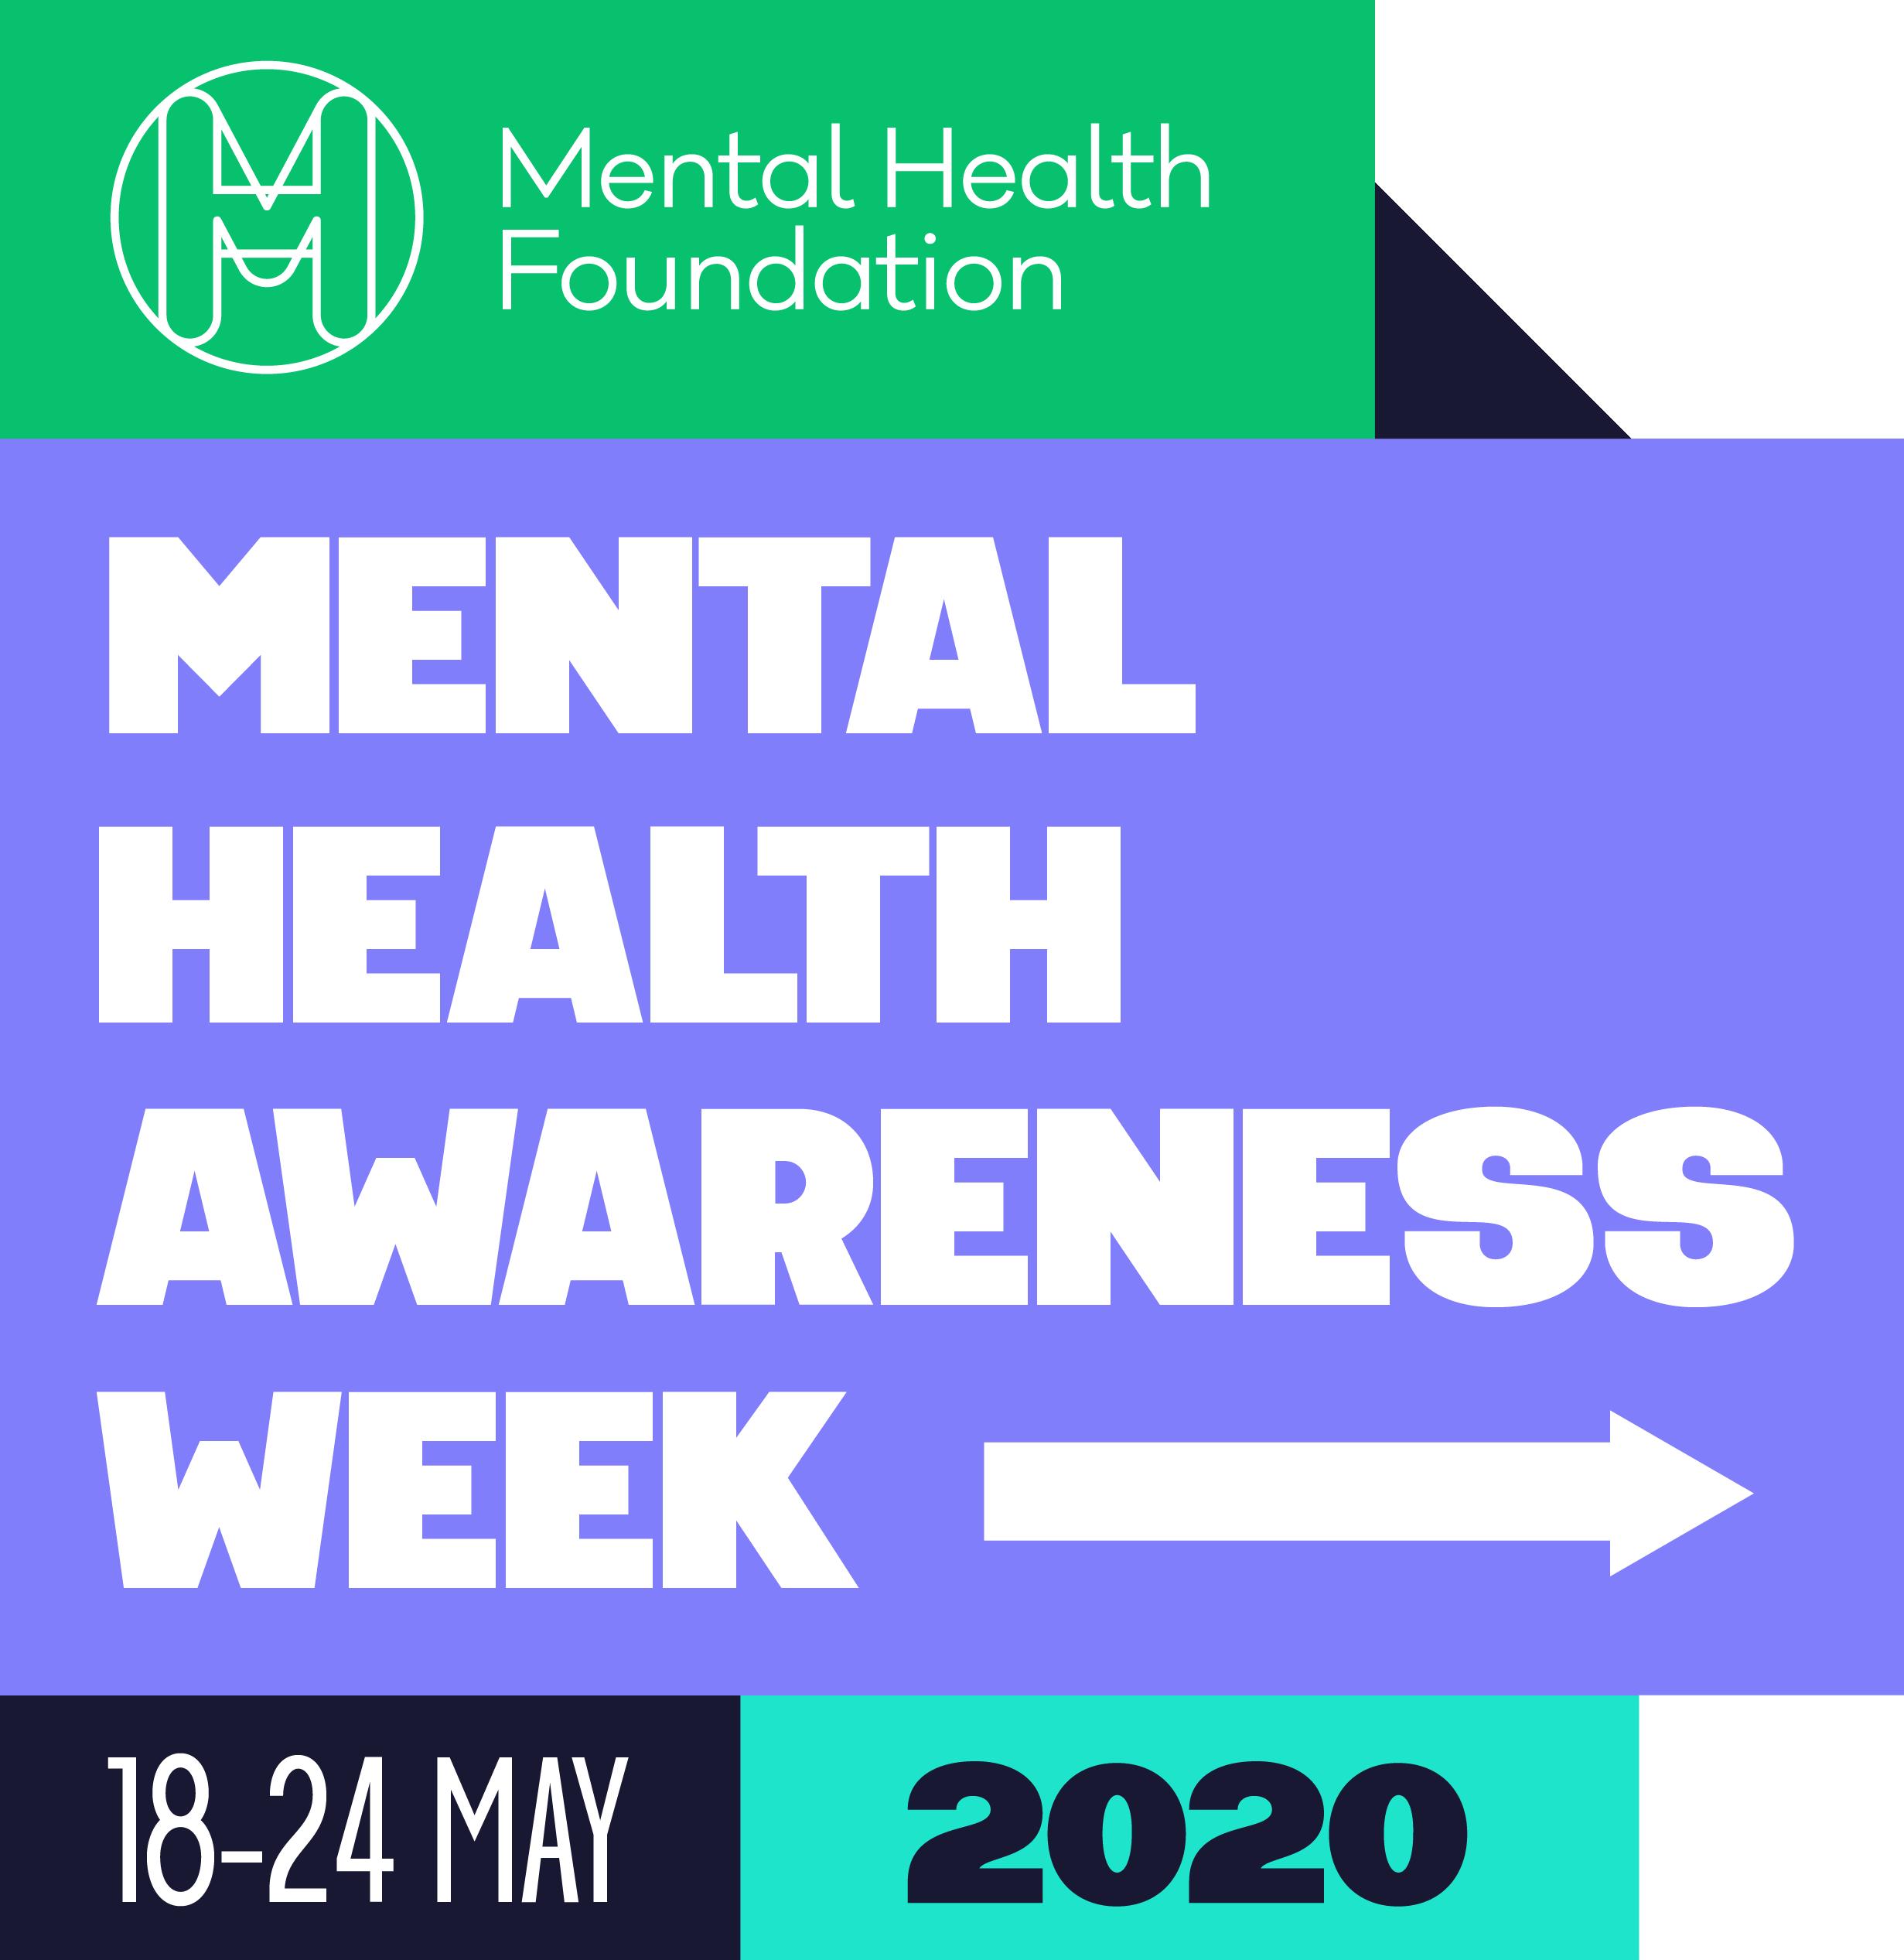 Mental Health Awareness Week logo 2020